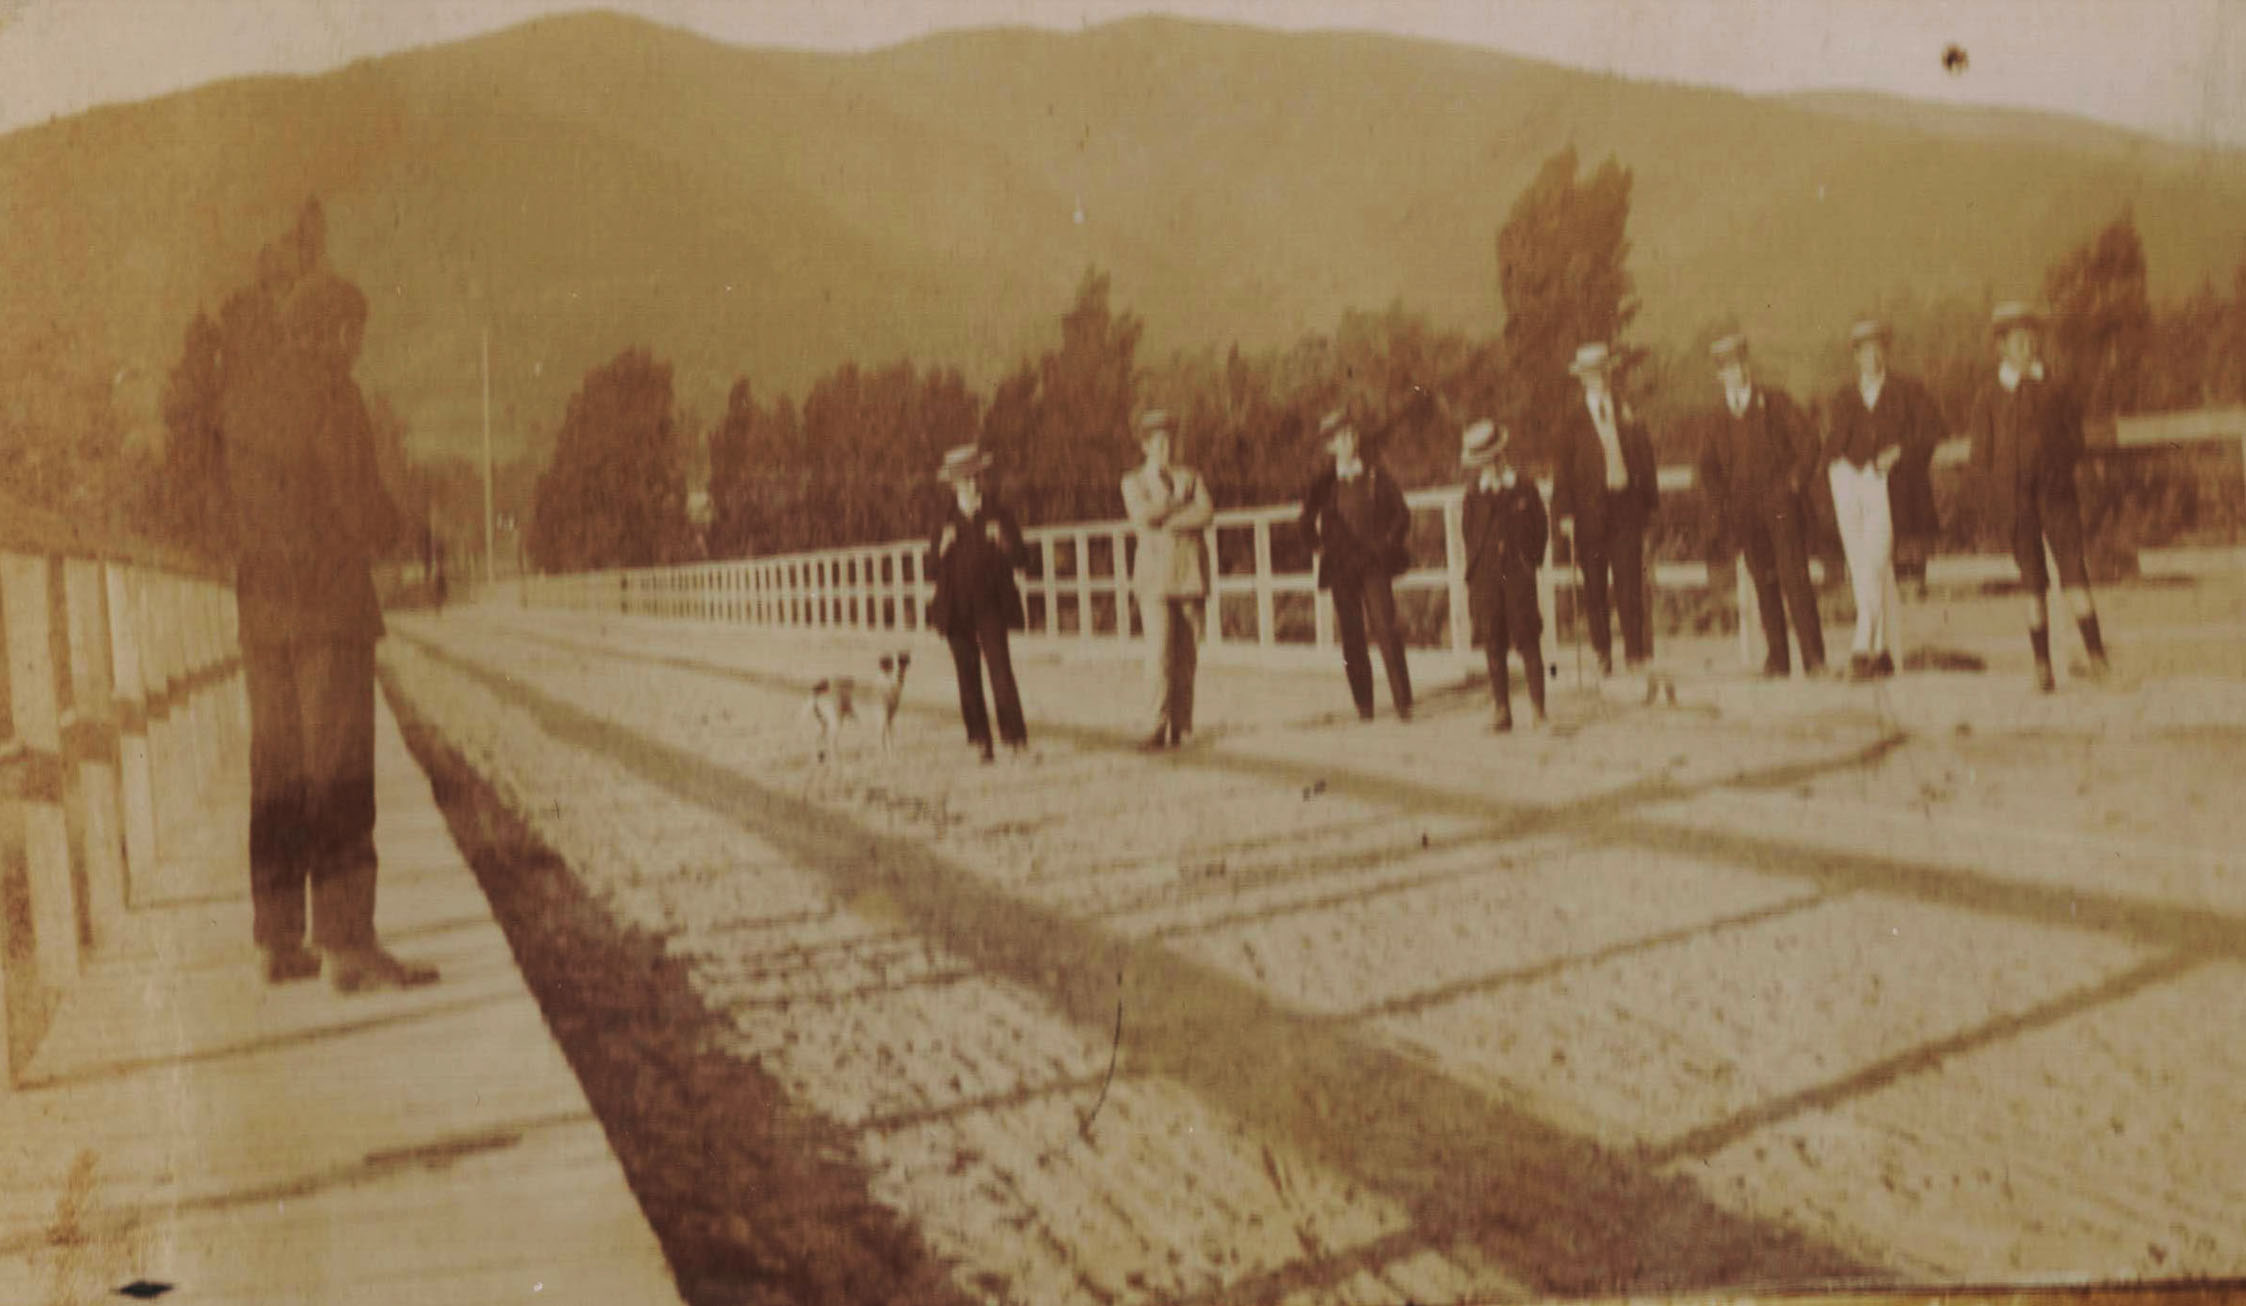 Enterreno - Fotos históricas de chile - fotos antiguas de Chile - Puente desconocido en 1908